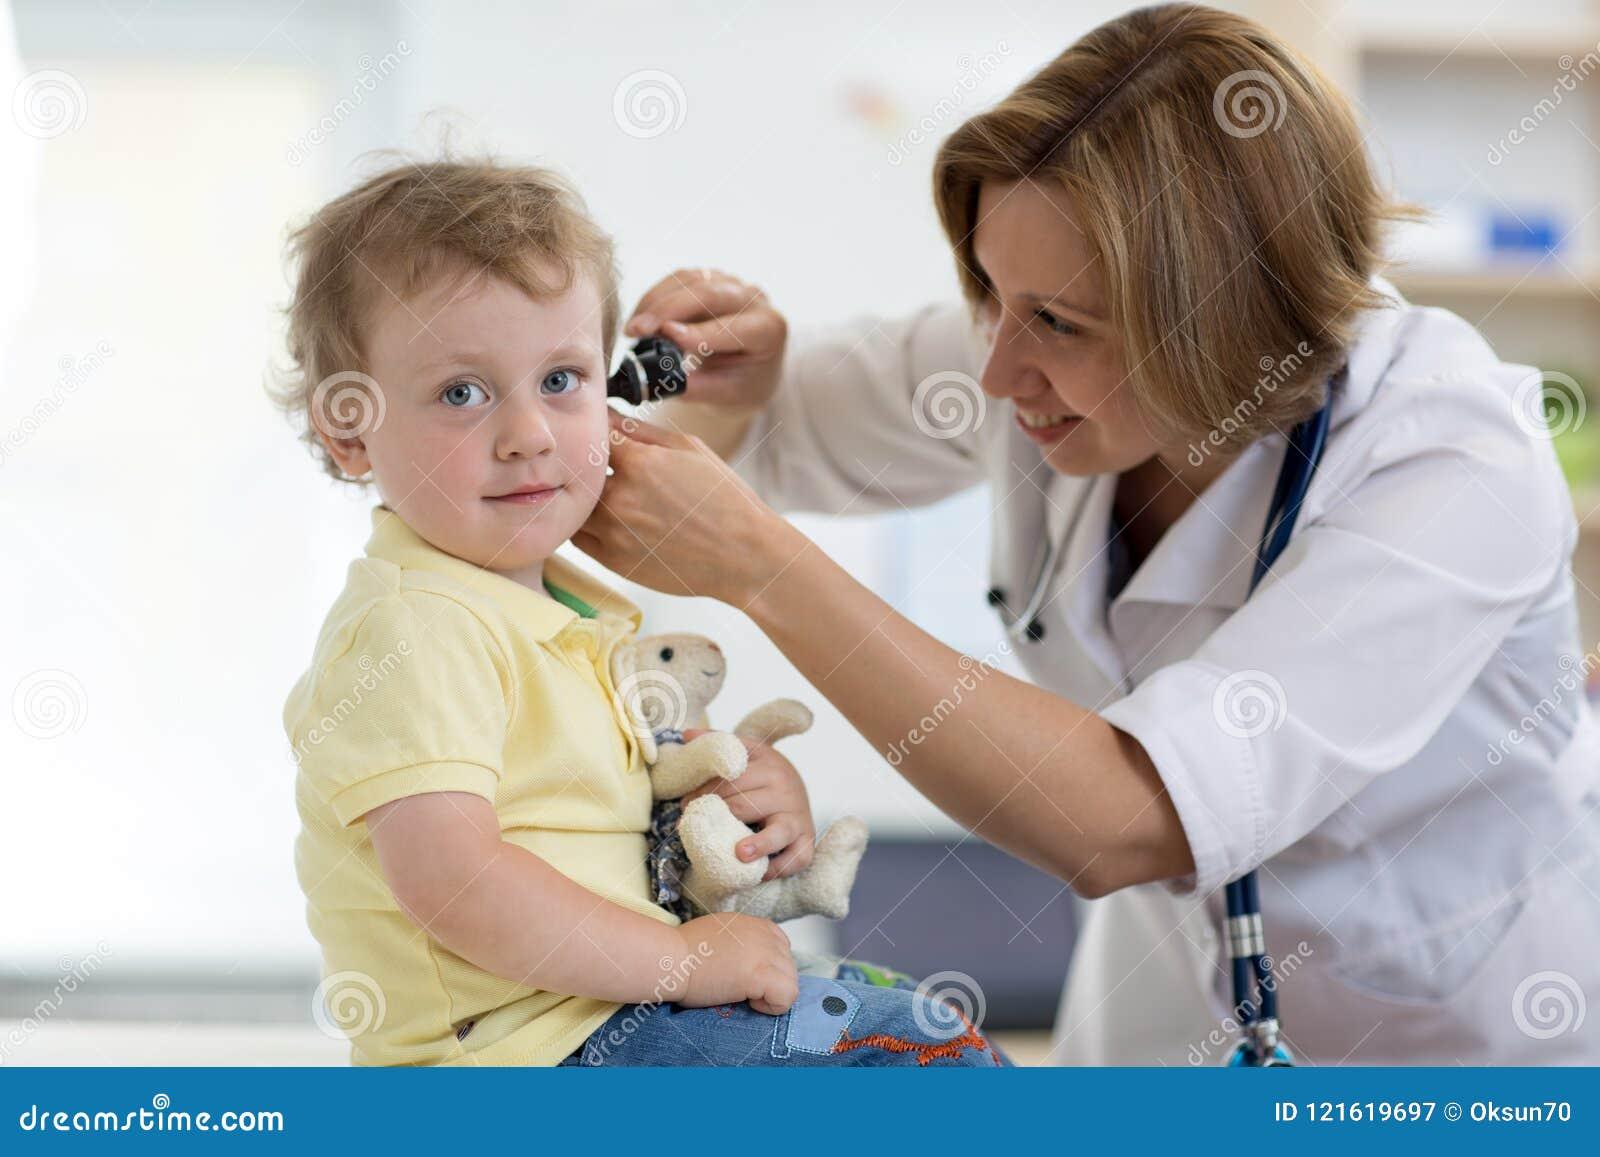 De arts onderzoekt oor met oorspiegel in een pediaterruimte Medische apparatuur